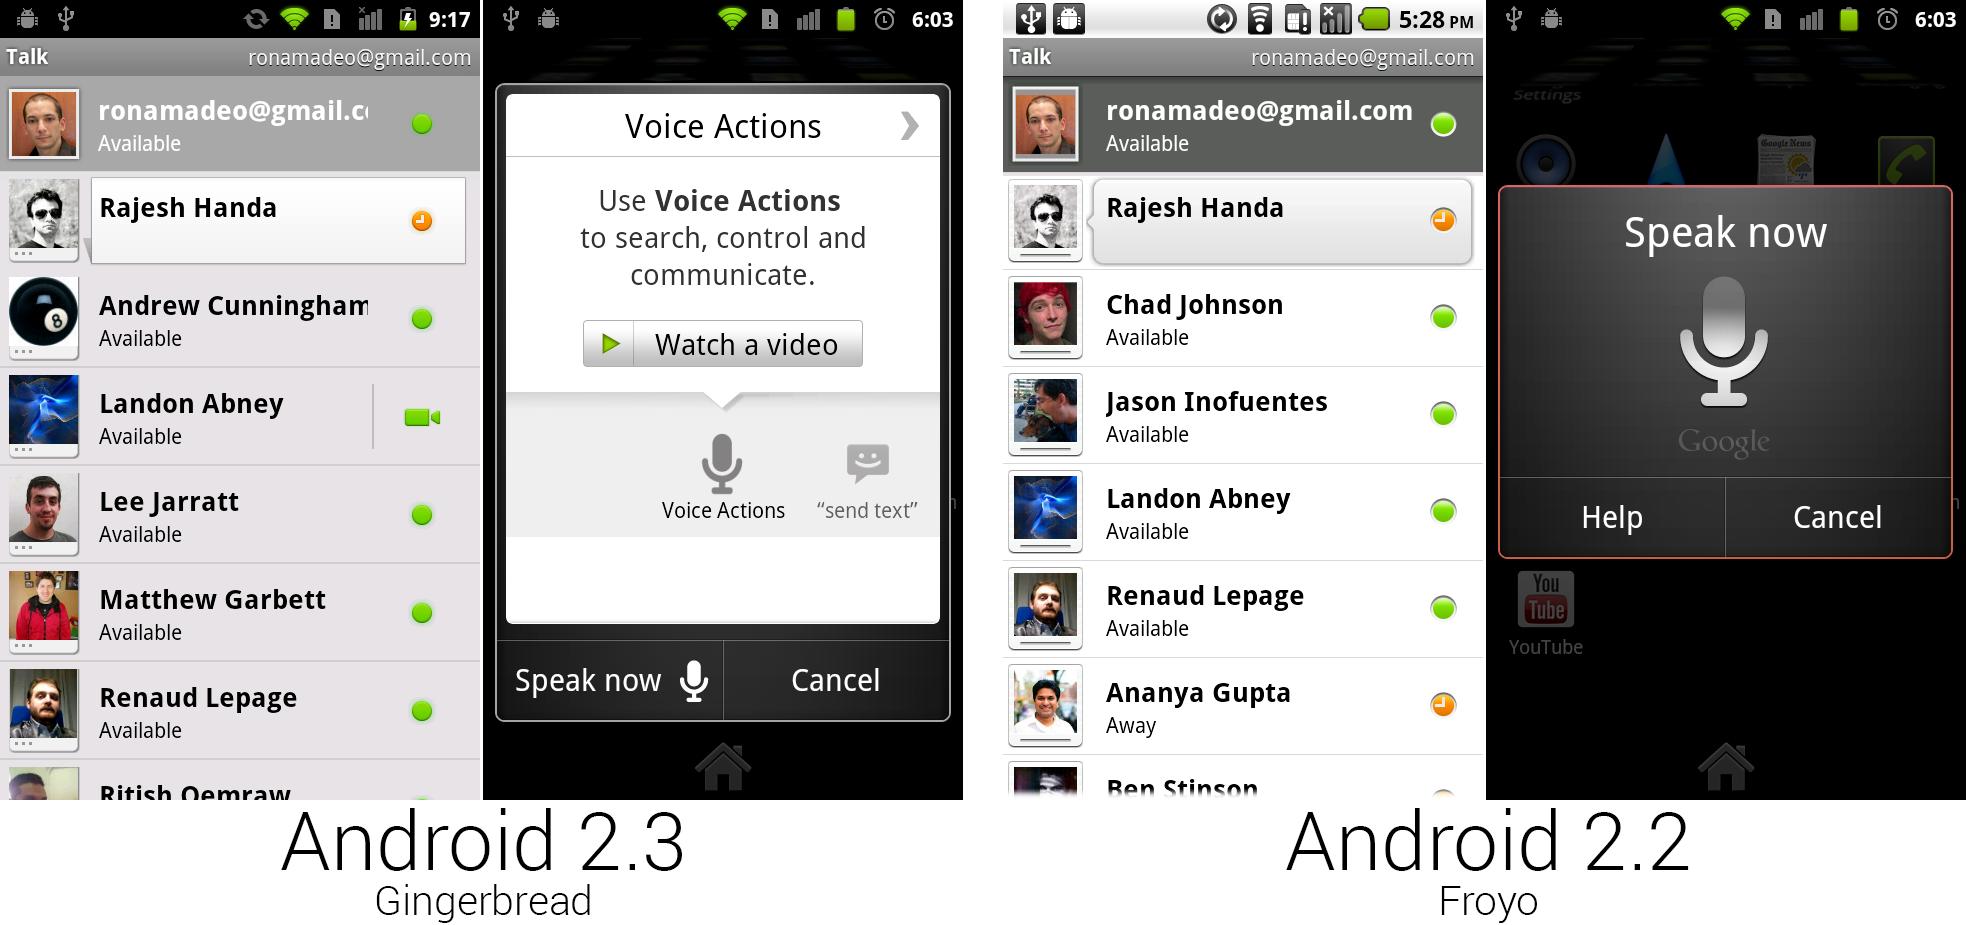 新 Google Talk,支持语音和视频通话,以及新语音命令界面。